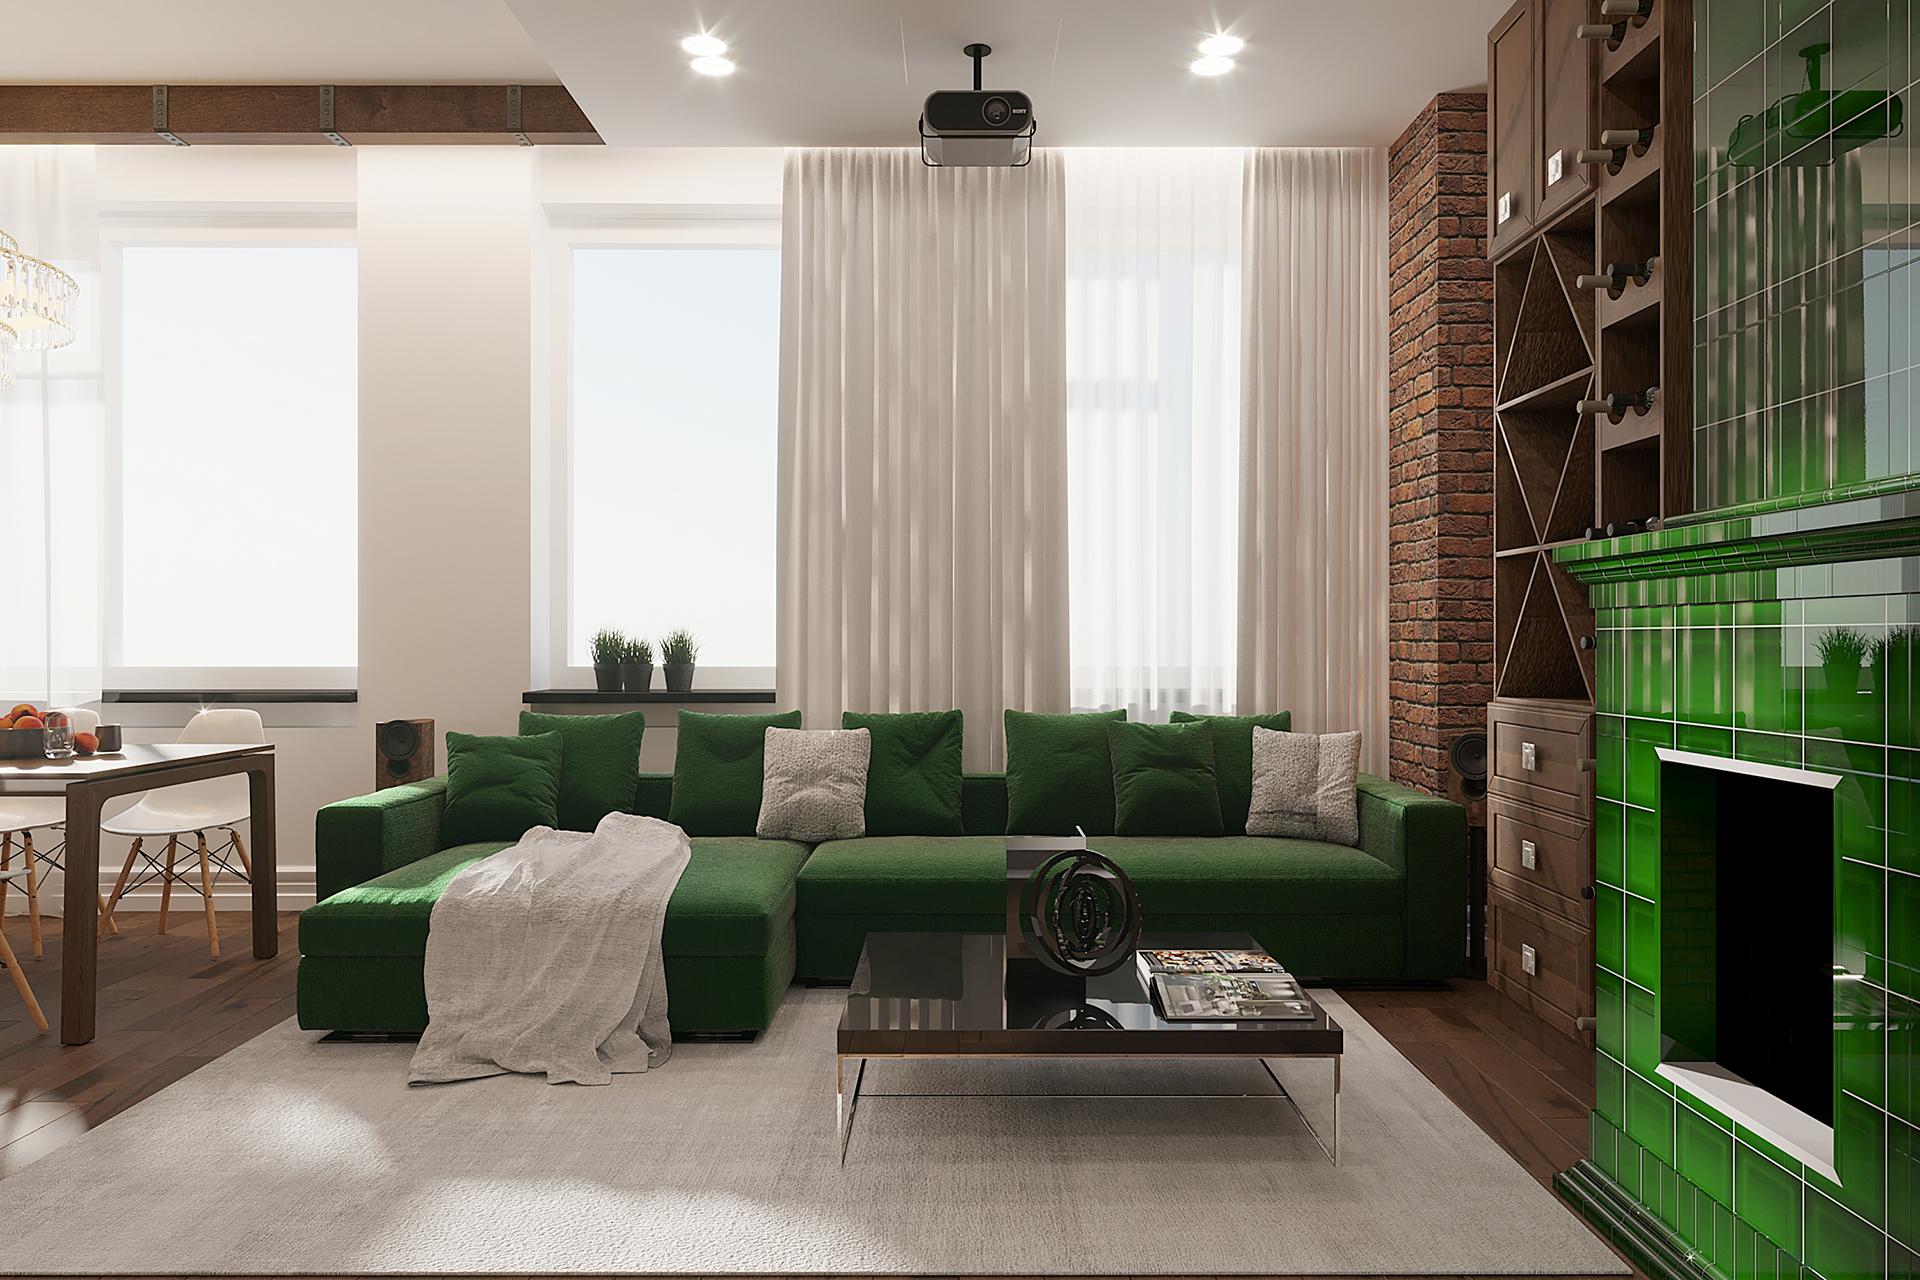 Визуализация интерьера квартиры в ЖК Лица